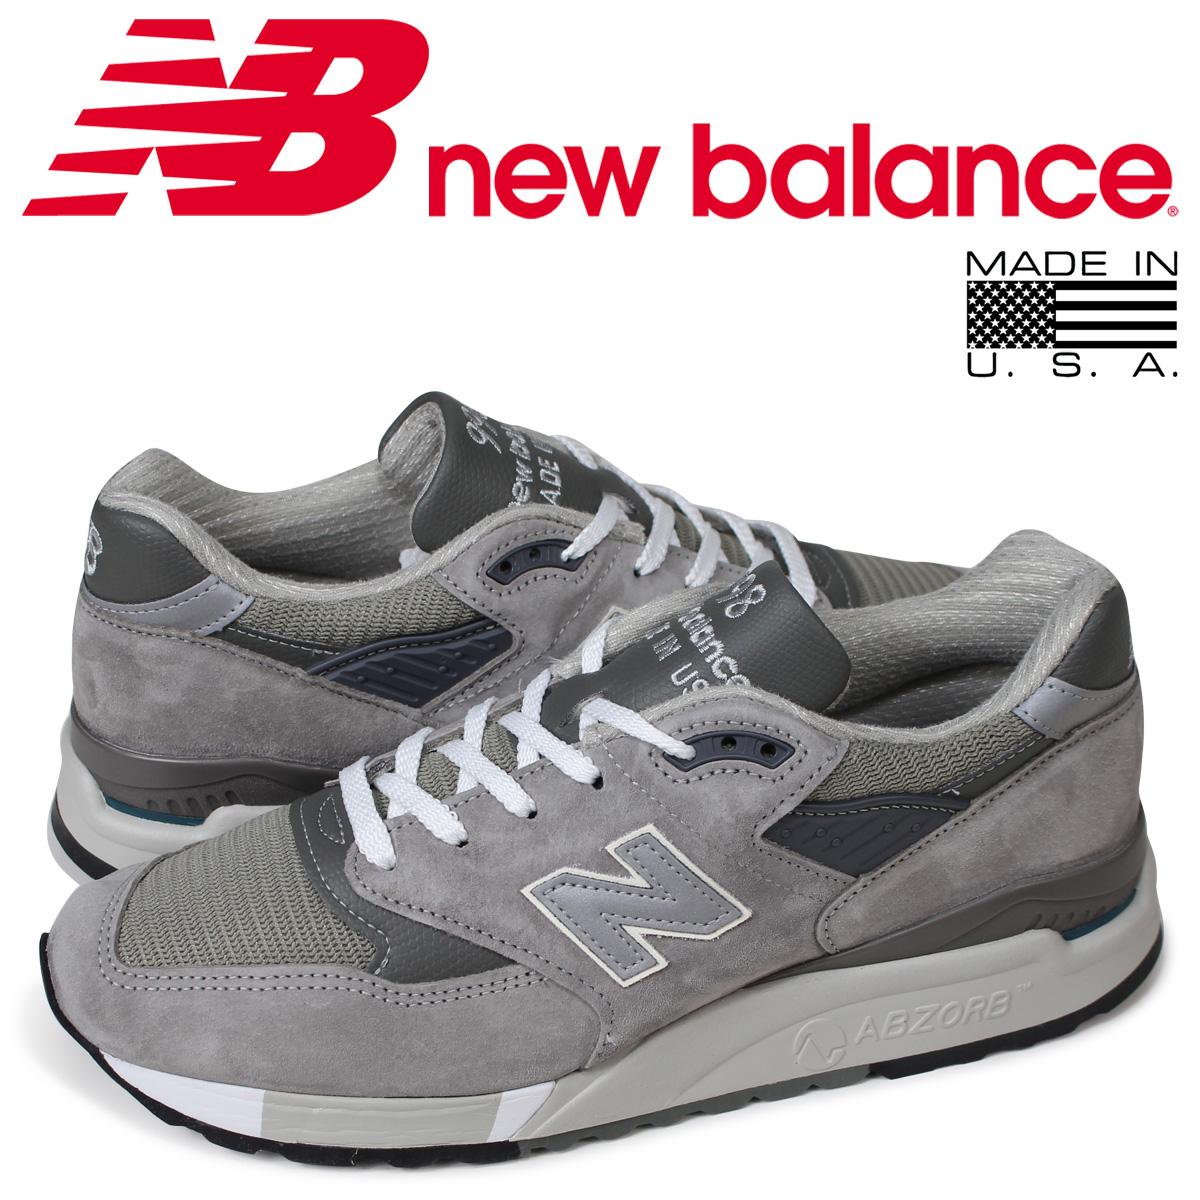 ニューバランス new balance 998 スニーカー メンズ Dワイズ MADE IN USA グレー M998 GY [4/14 追加入荷]